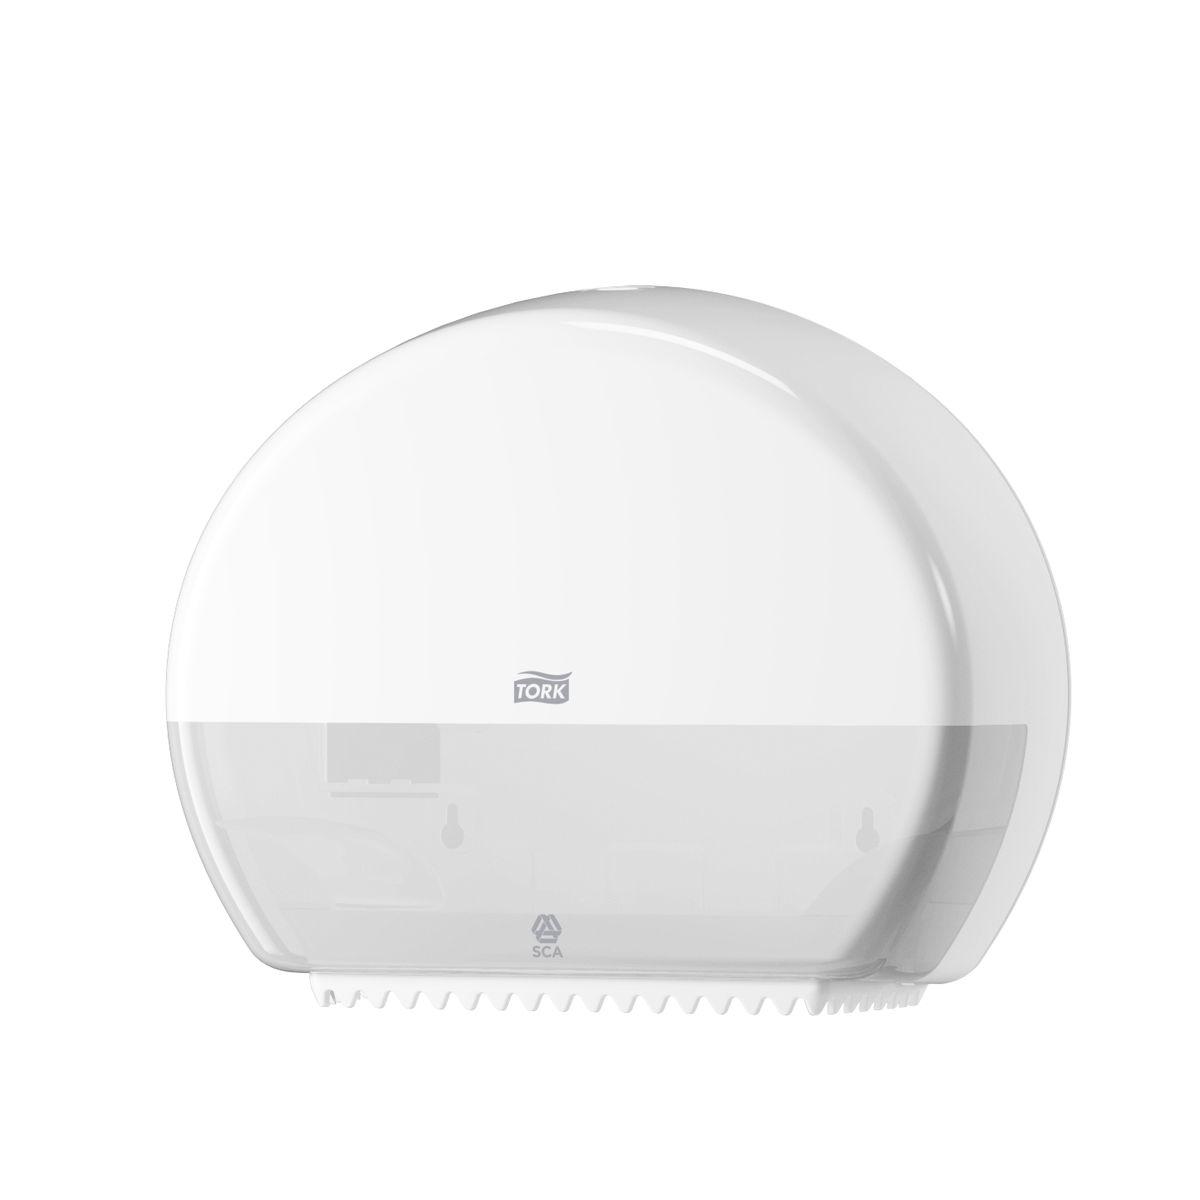 Диспенсер для туалетной бумаги Tork, цвет: белый. 555000555000Система T2 - для туалетной бумаги в мини рулонахДержатель изготовлен из ударопрочного пластика белого цвета.Функция Stub Roll позволяет сэкономить до 35 м бумаги.Снабжен специальными зубчиками, которые подходят для отрыва полотна как с перфорацией, так и без нее.Открывается двумя альтернативными способами: ключом и кнопкой.Вмещает рулон длиной до 200 метров.